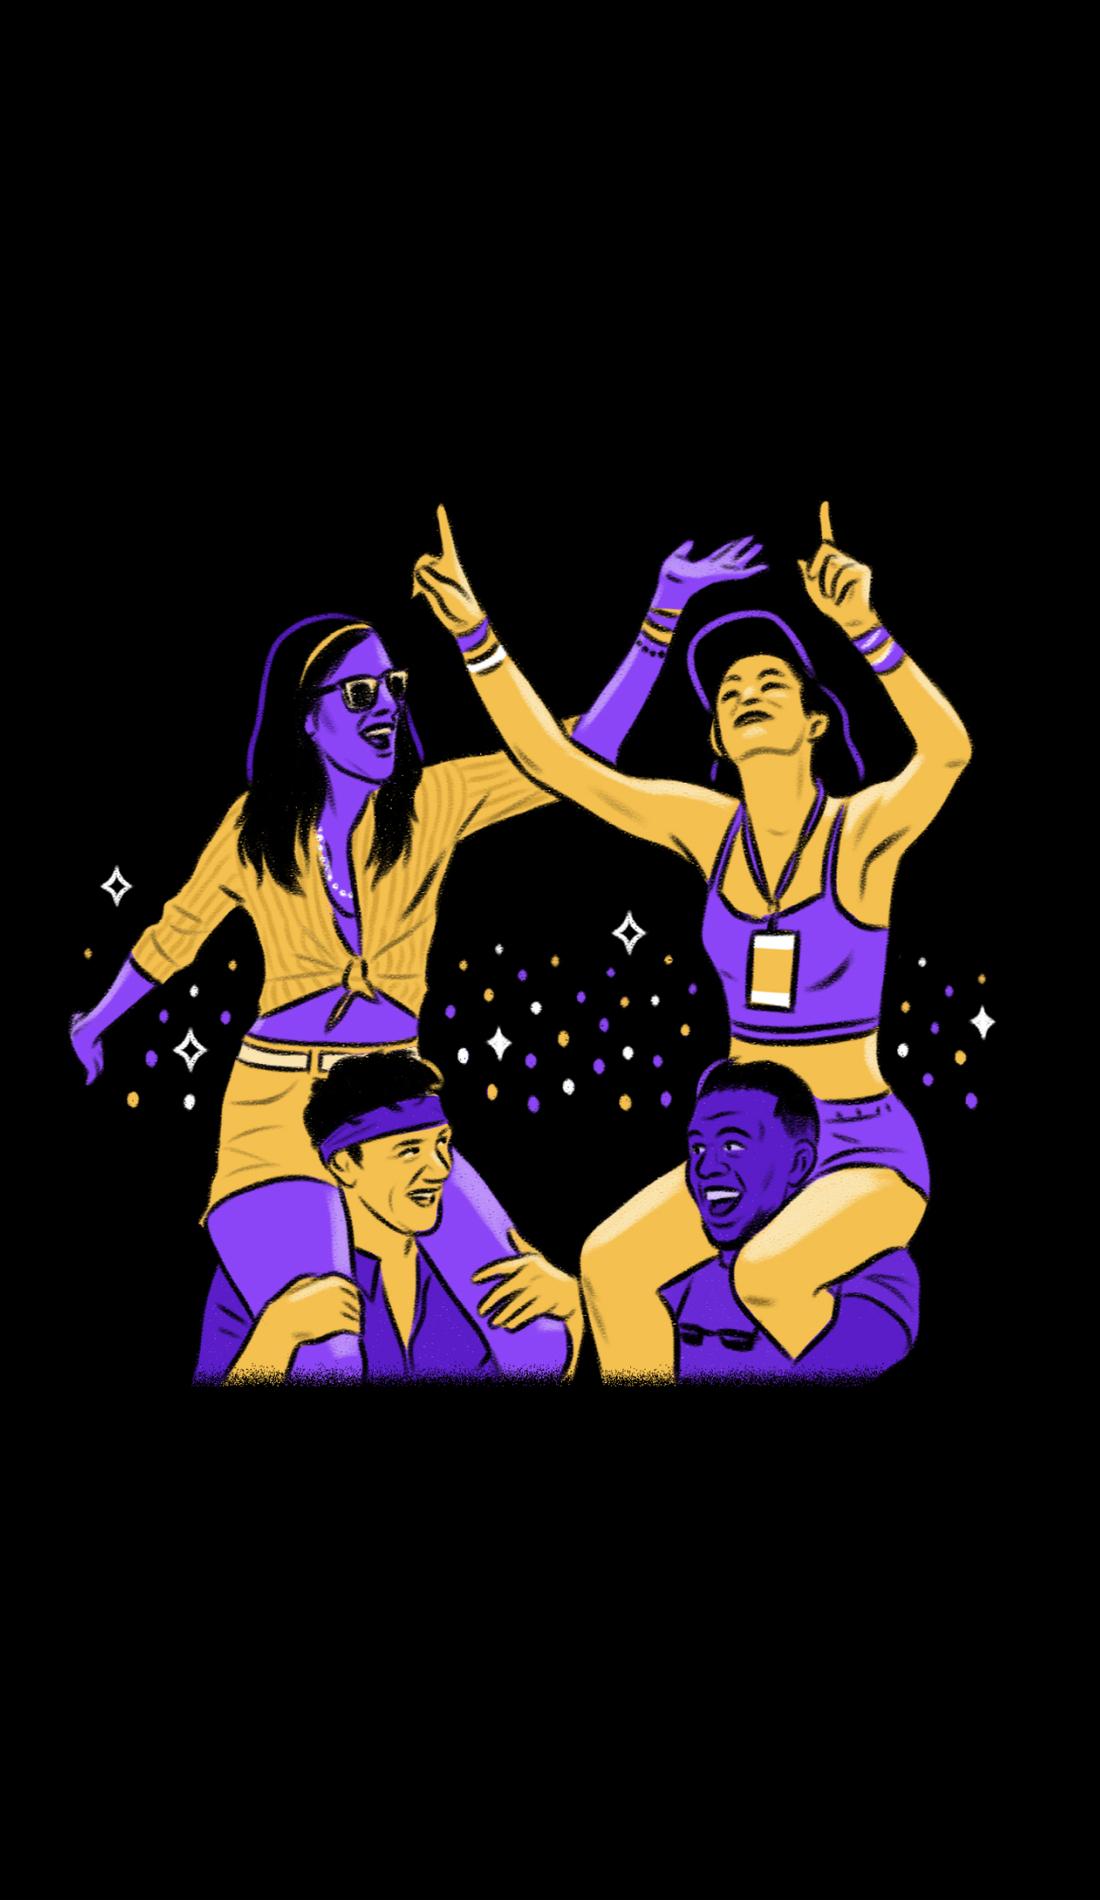 A Sasquatch! Festival live event